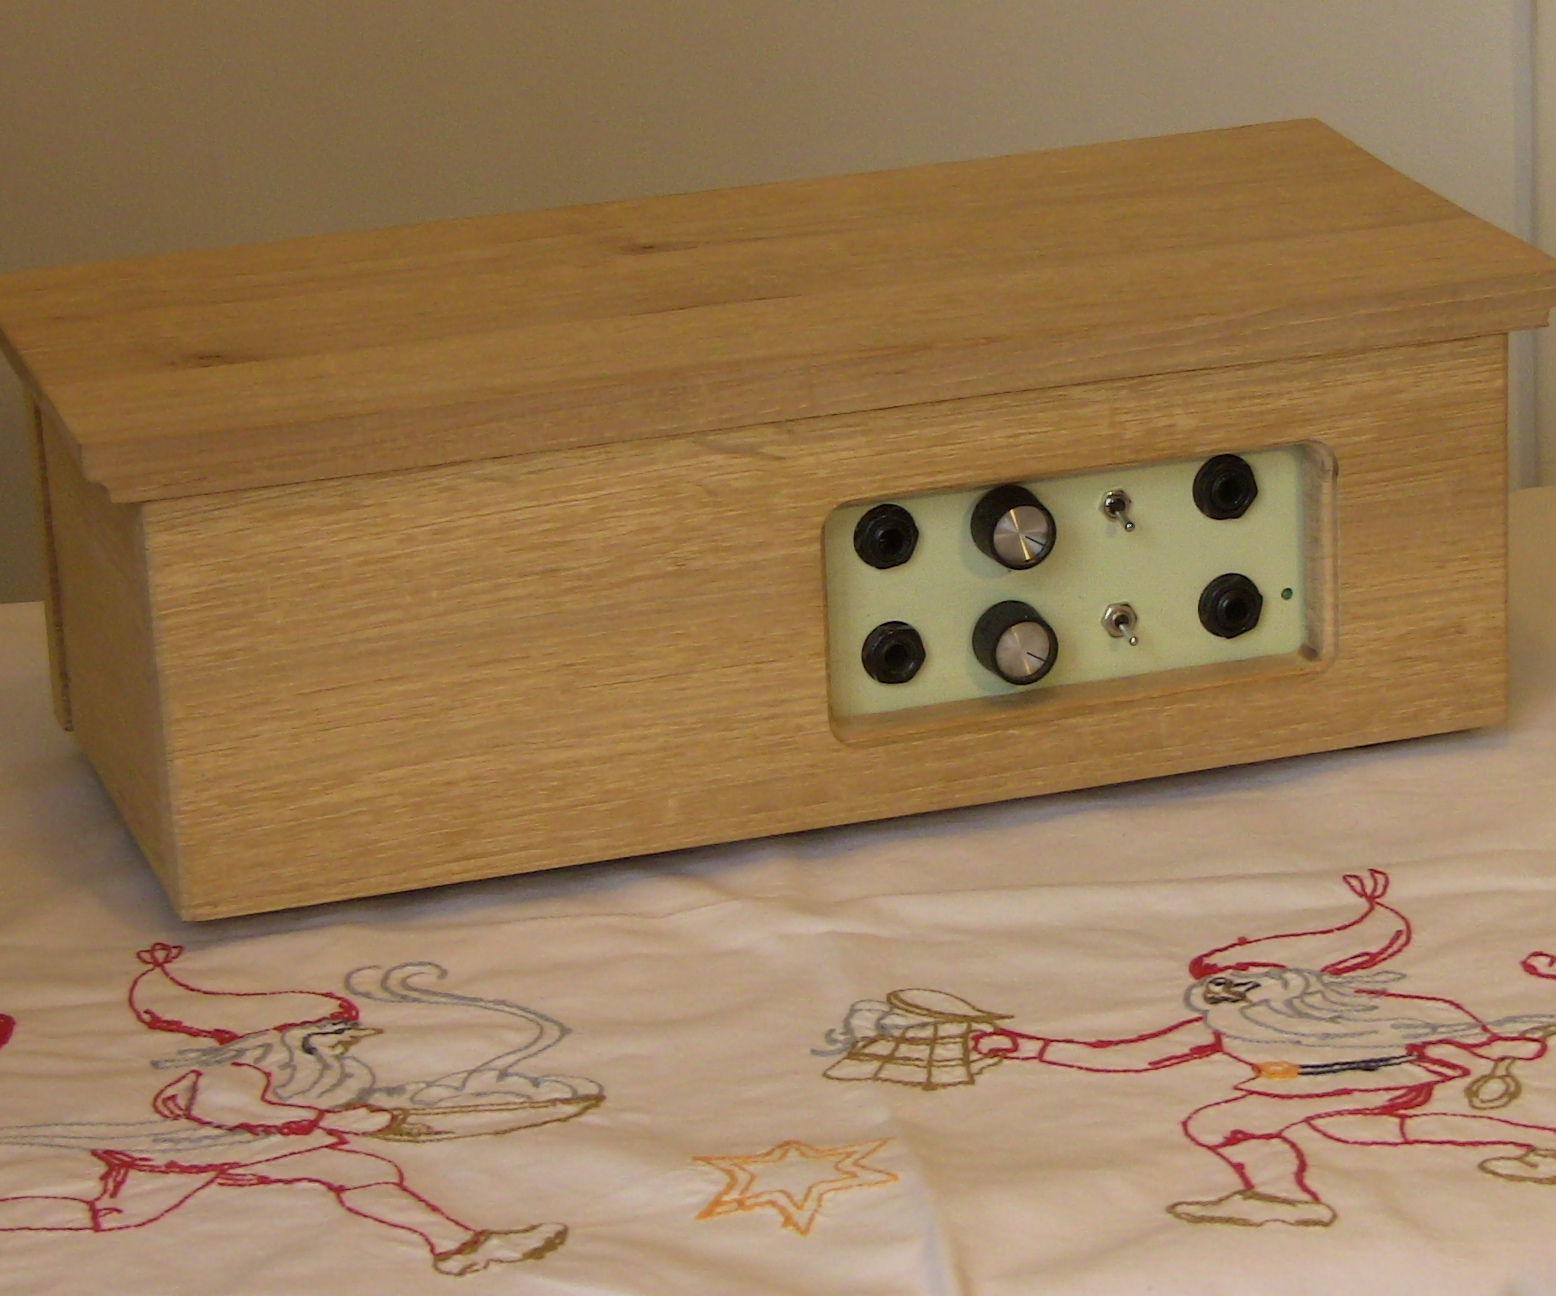 LM3886 Power Amplifier (dual/bridge)